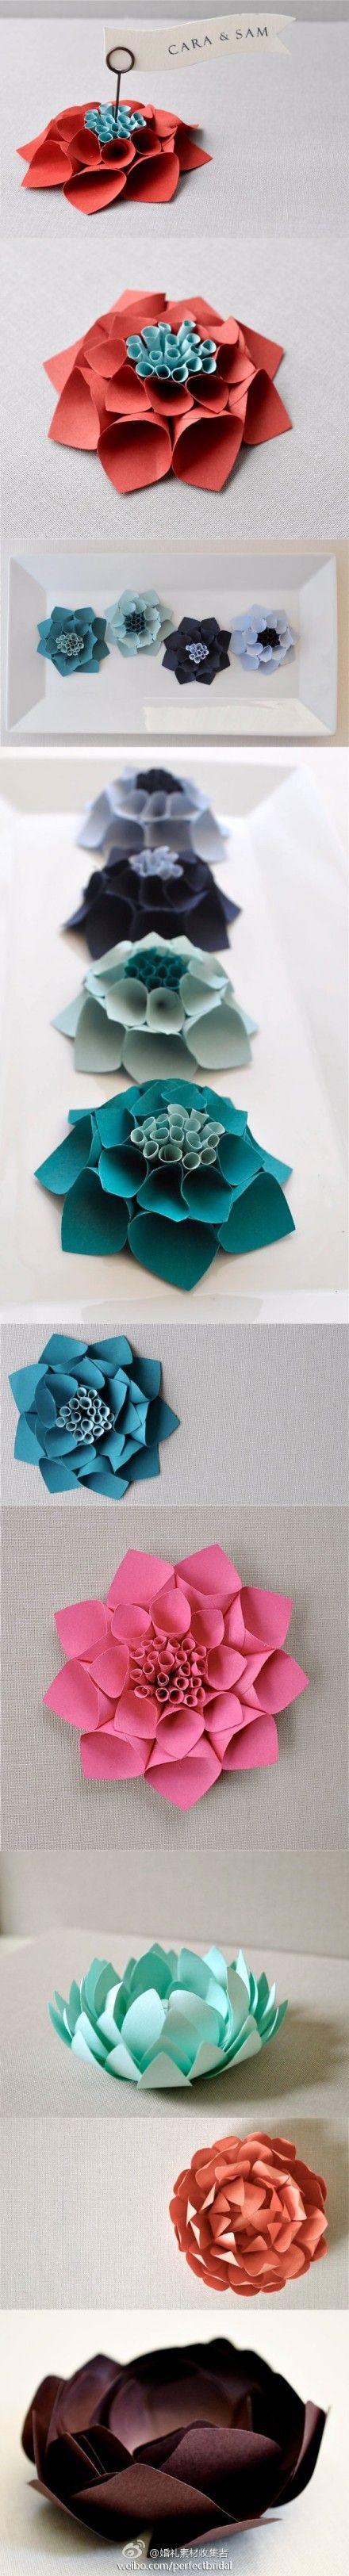 Una variedad de flores de papel en tres dimensiones, cómo tener una buena (9 fotos, por favor, enlace a ampliar :)